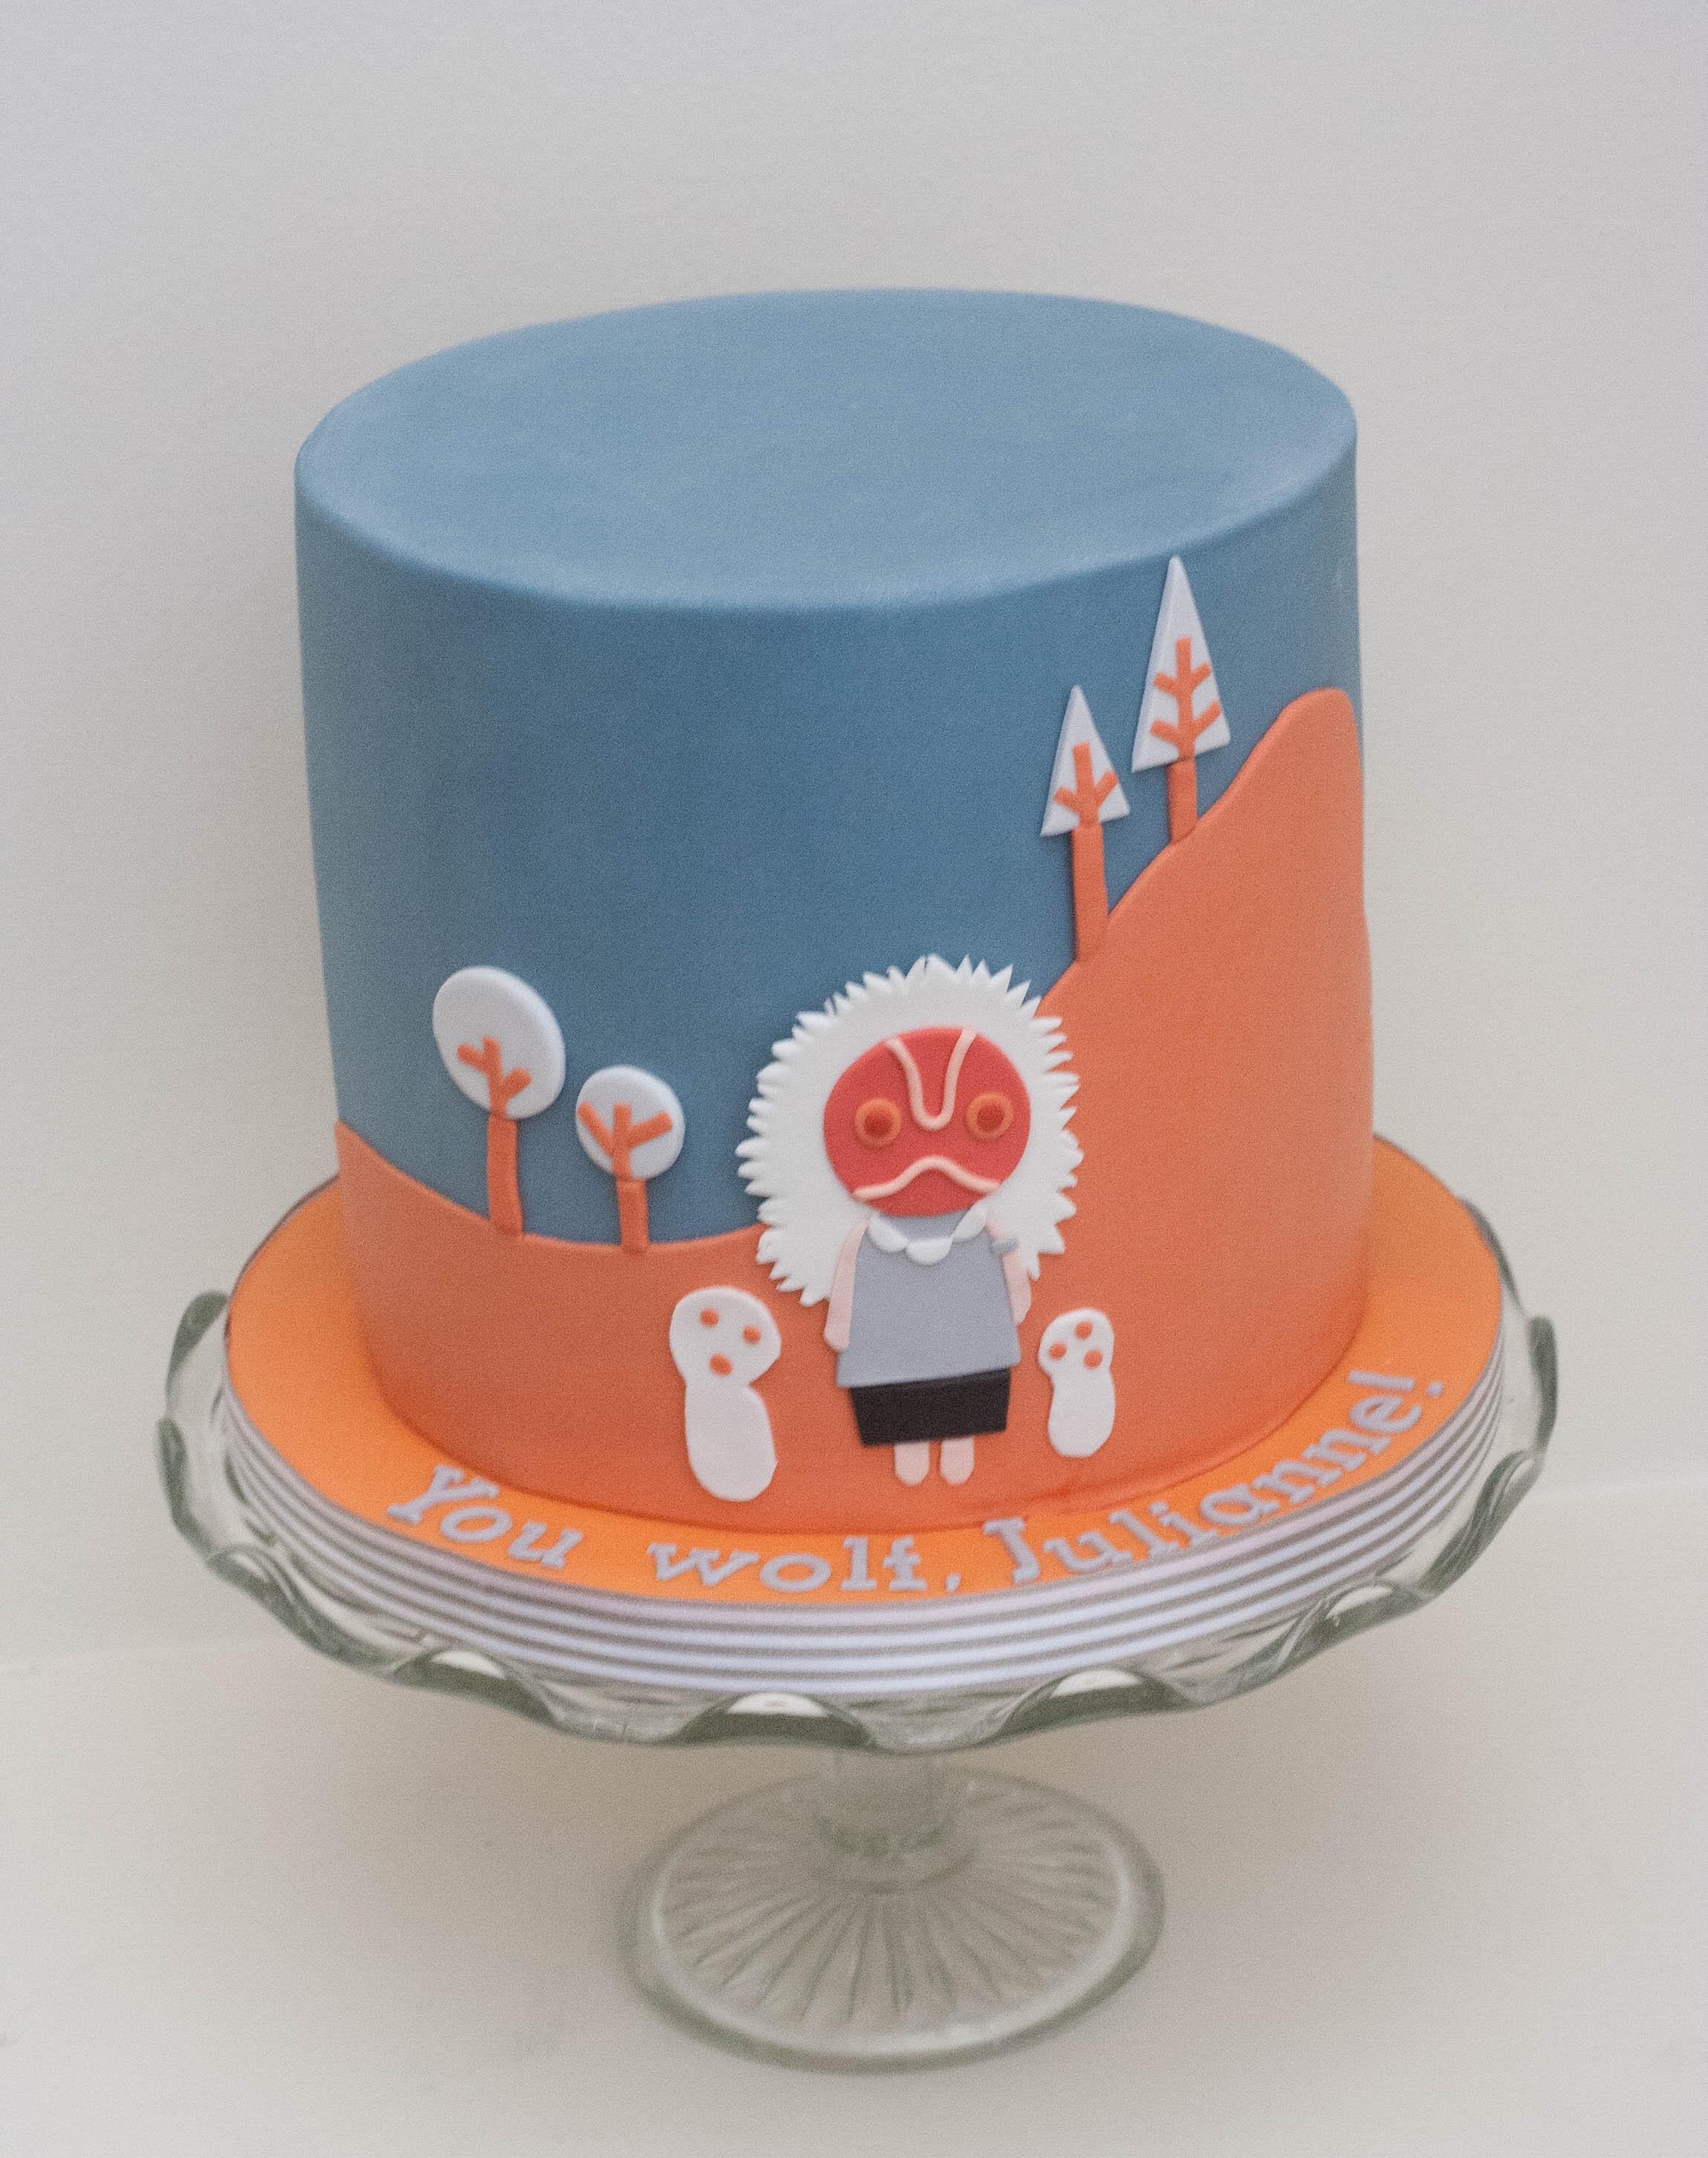 Princess Mononoke cake vegan gf